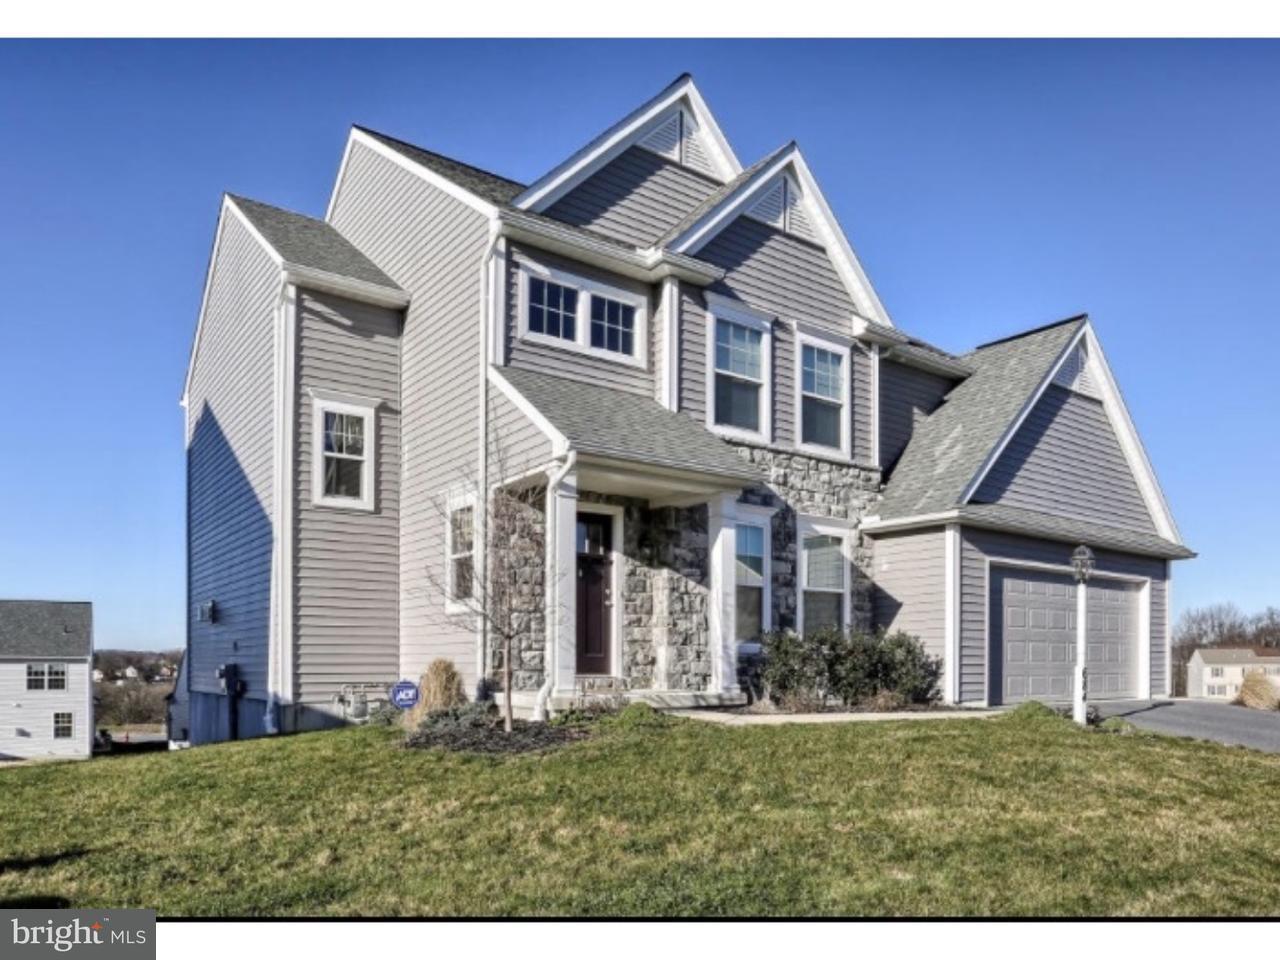 Частный односемейный дом для того Продажа на 684 HAMAKER Road Manheim, Пенсильвания 17545 Соединенные Штаты